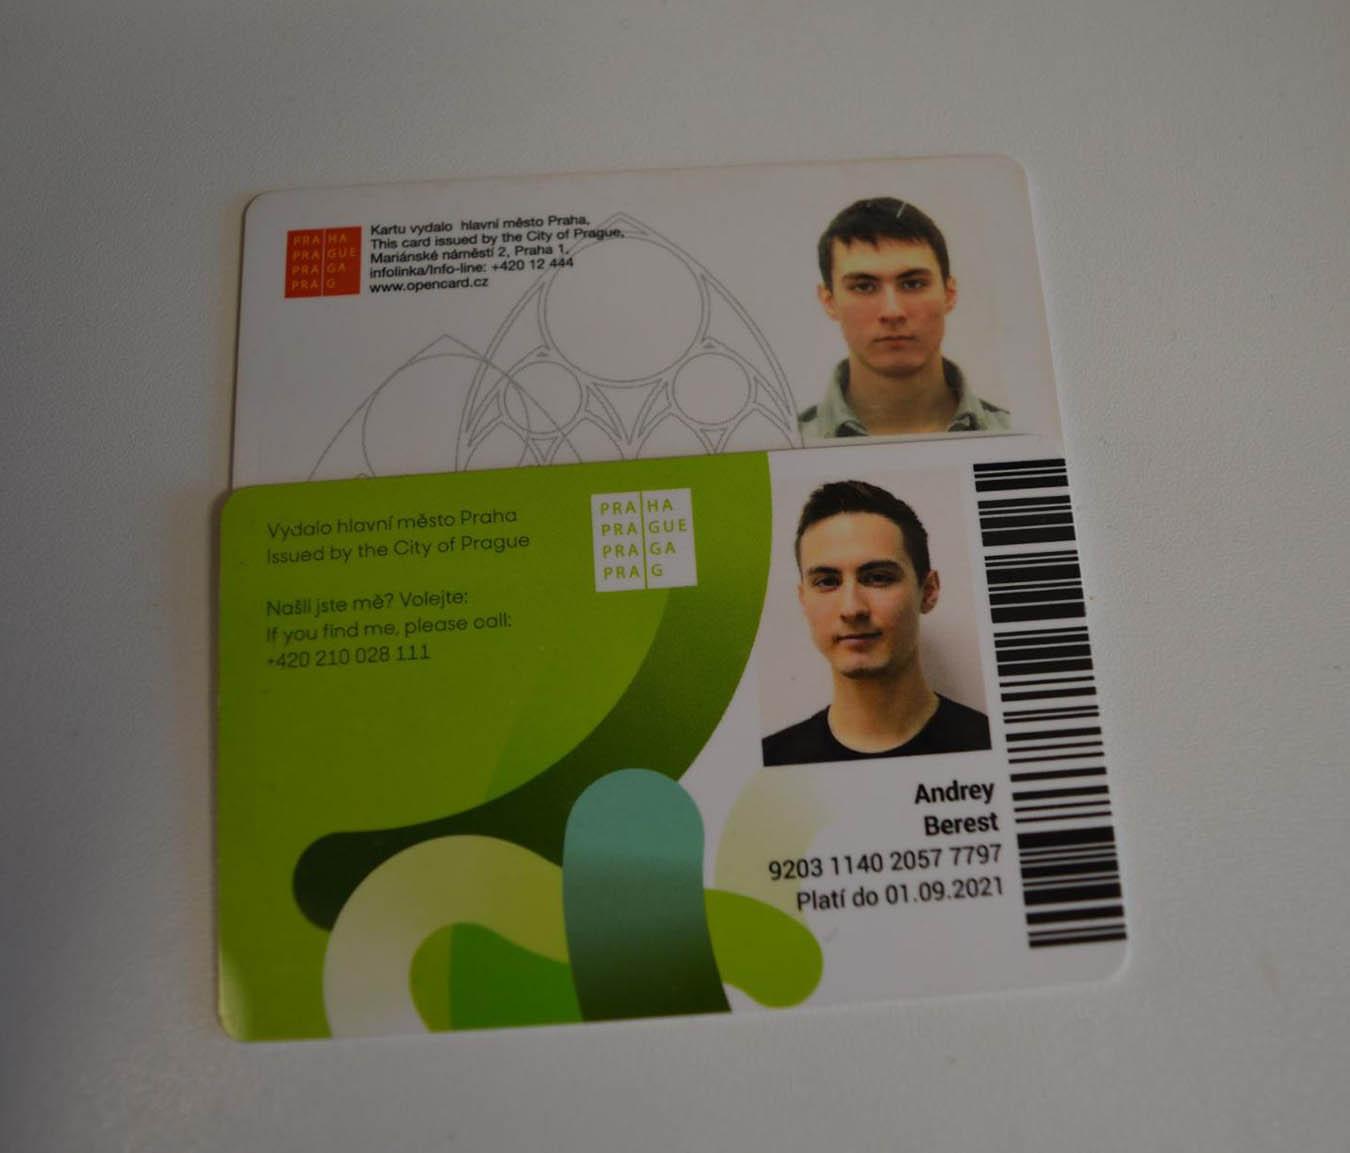 Проездные билеты — это именные карты, на которые записывается информация о сроке действия и льготах